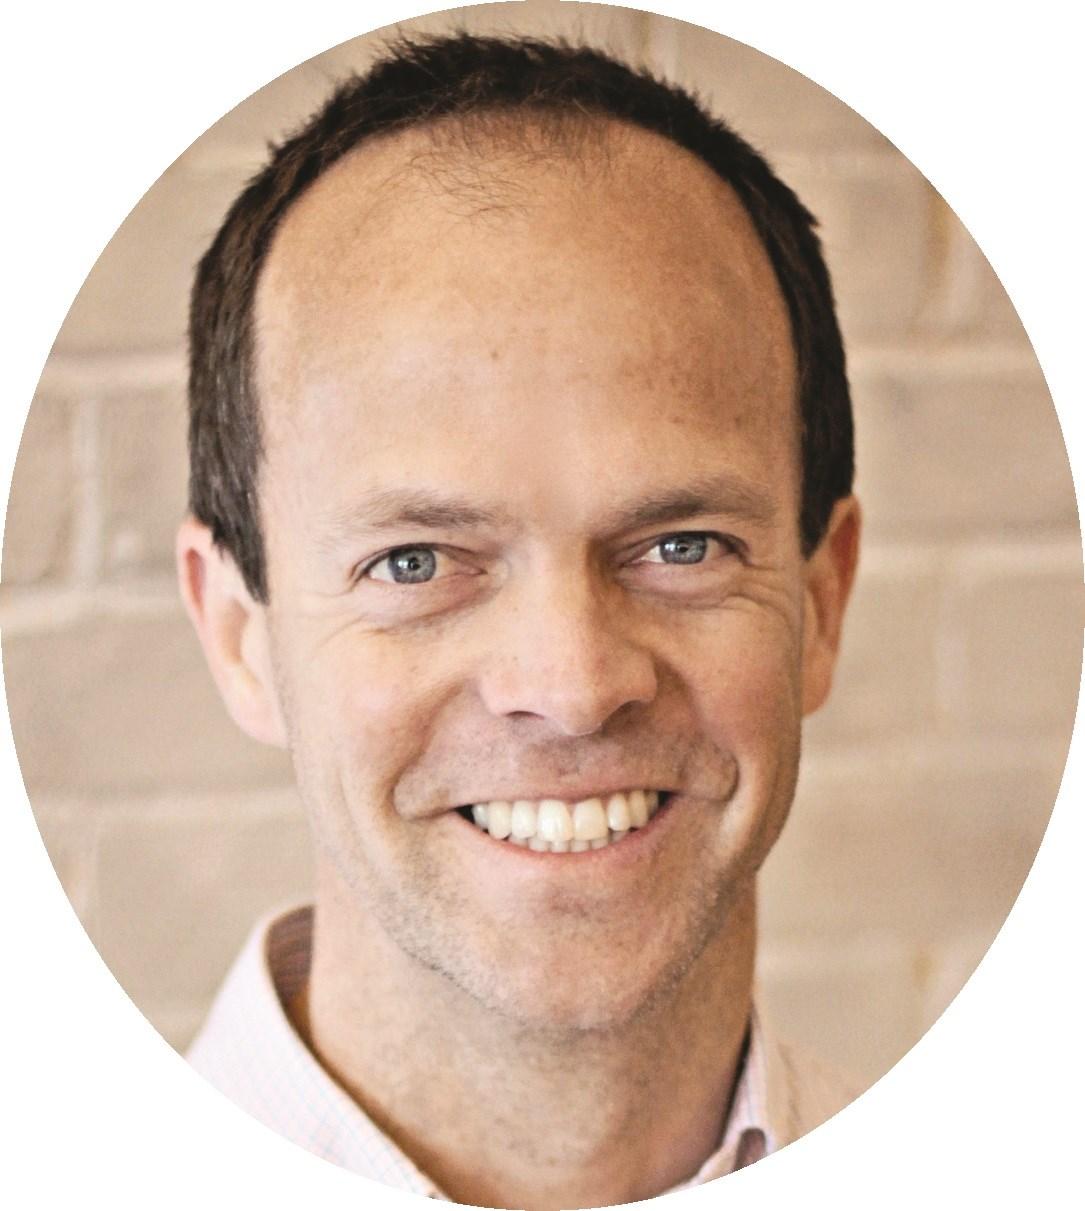 David Van Sickle, Propeller Health